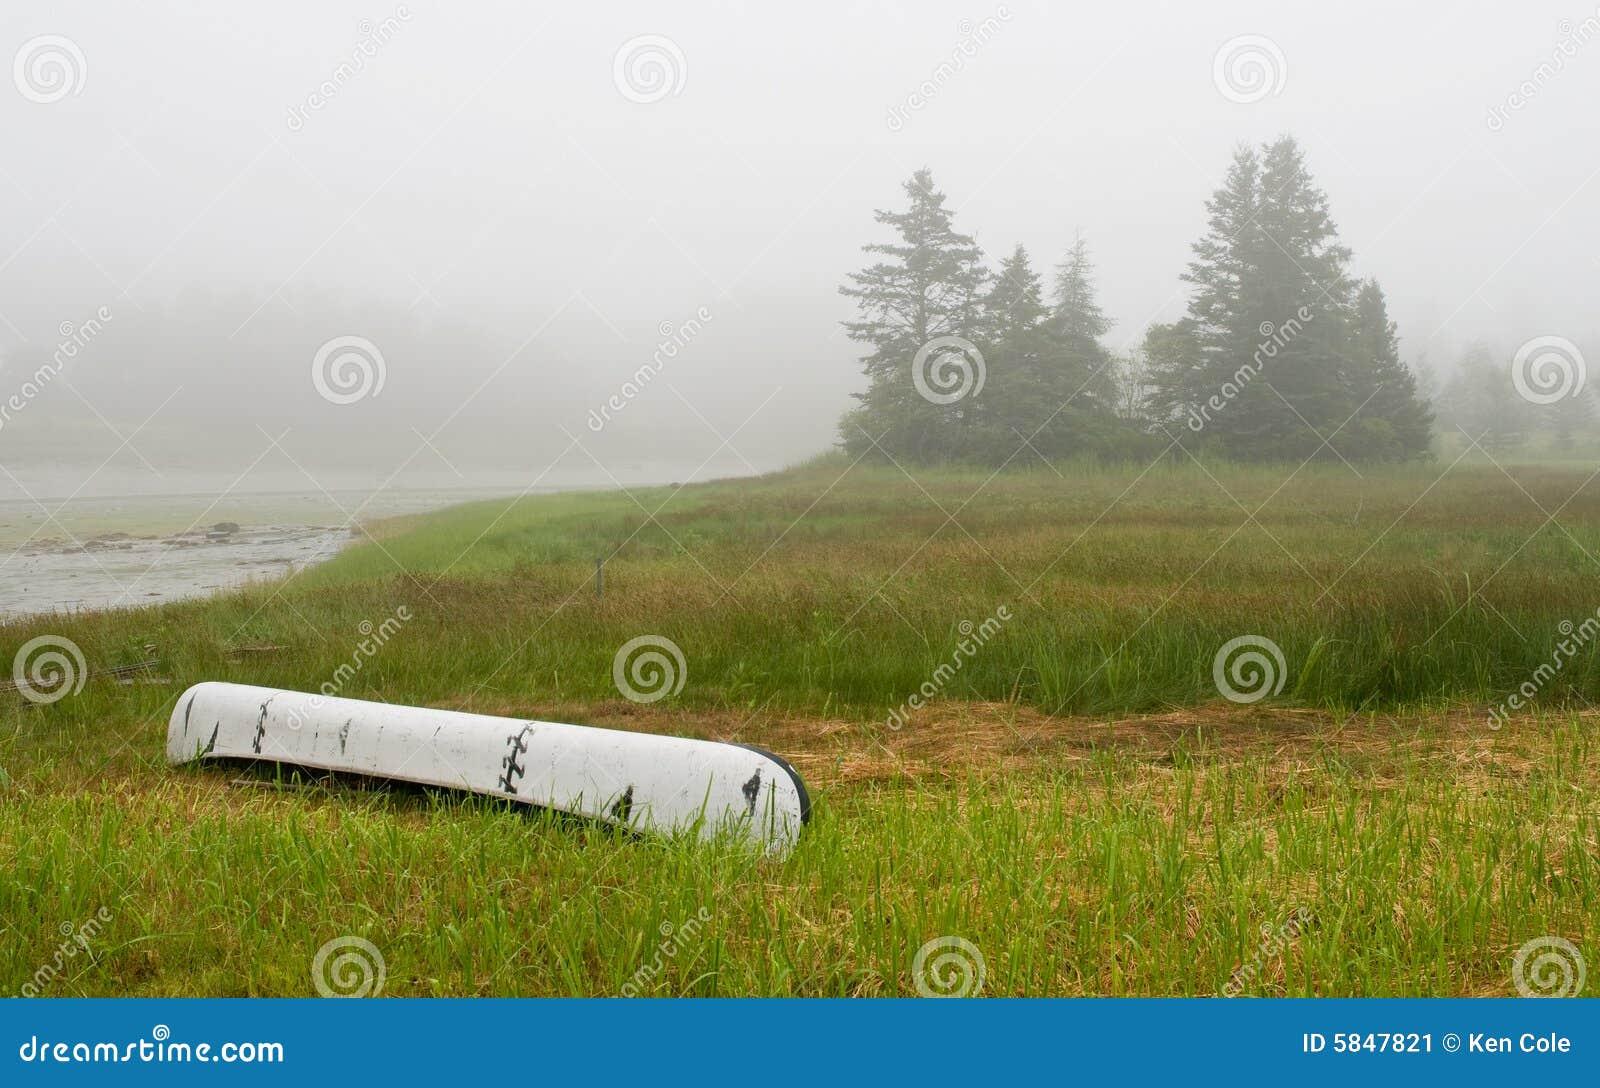 Kanu auf Eingang im Nebel